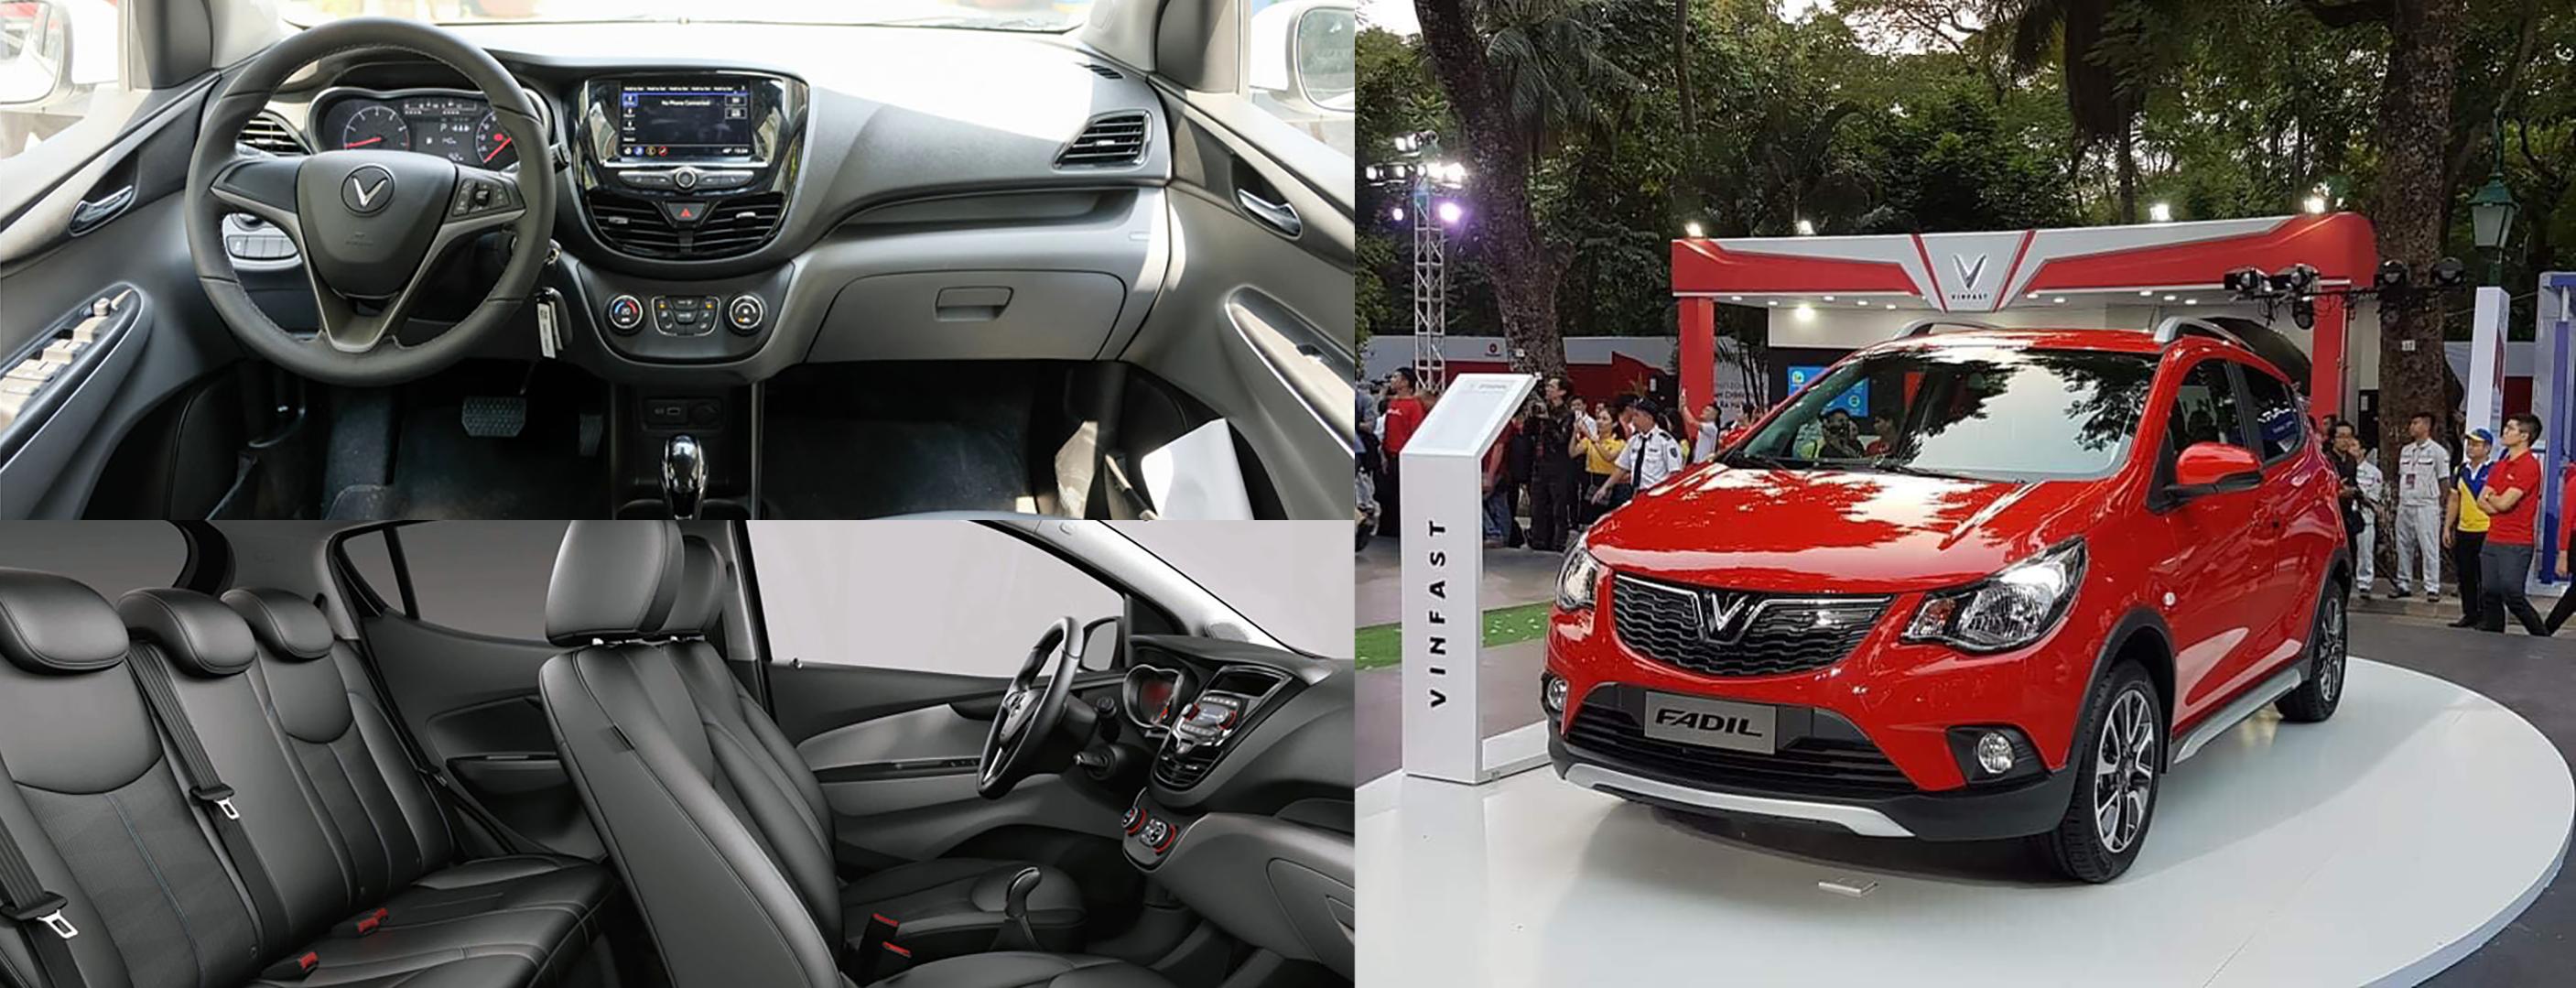 VinFast Fadil vẫn là ẩn số, Hyundai Grand i10 giữ vững ngôi đầu - 12